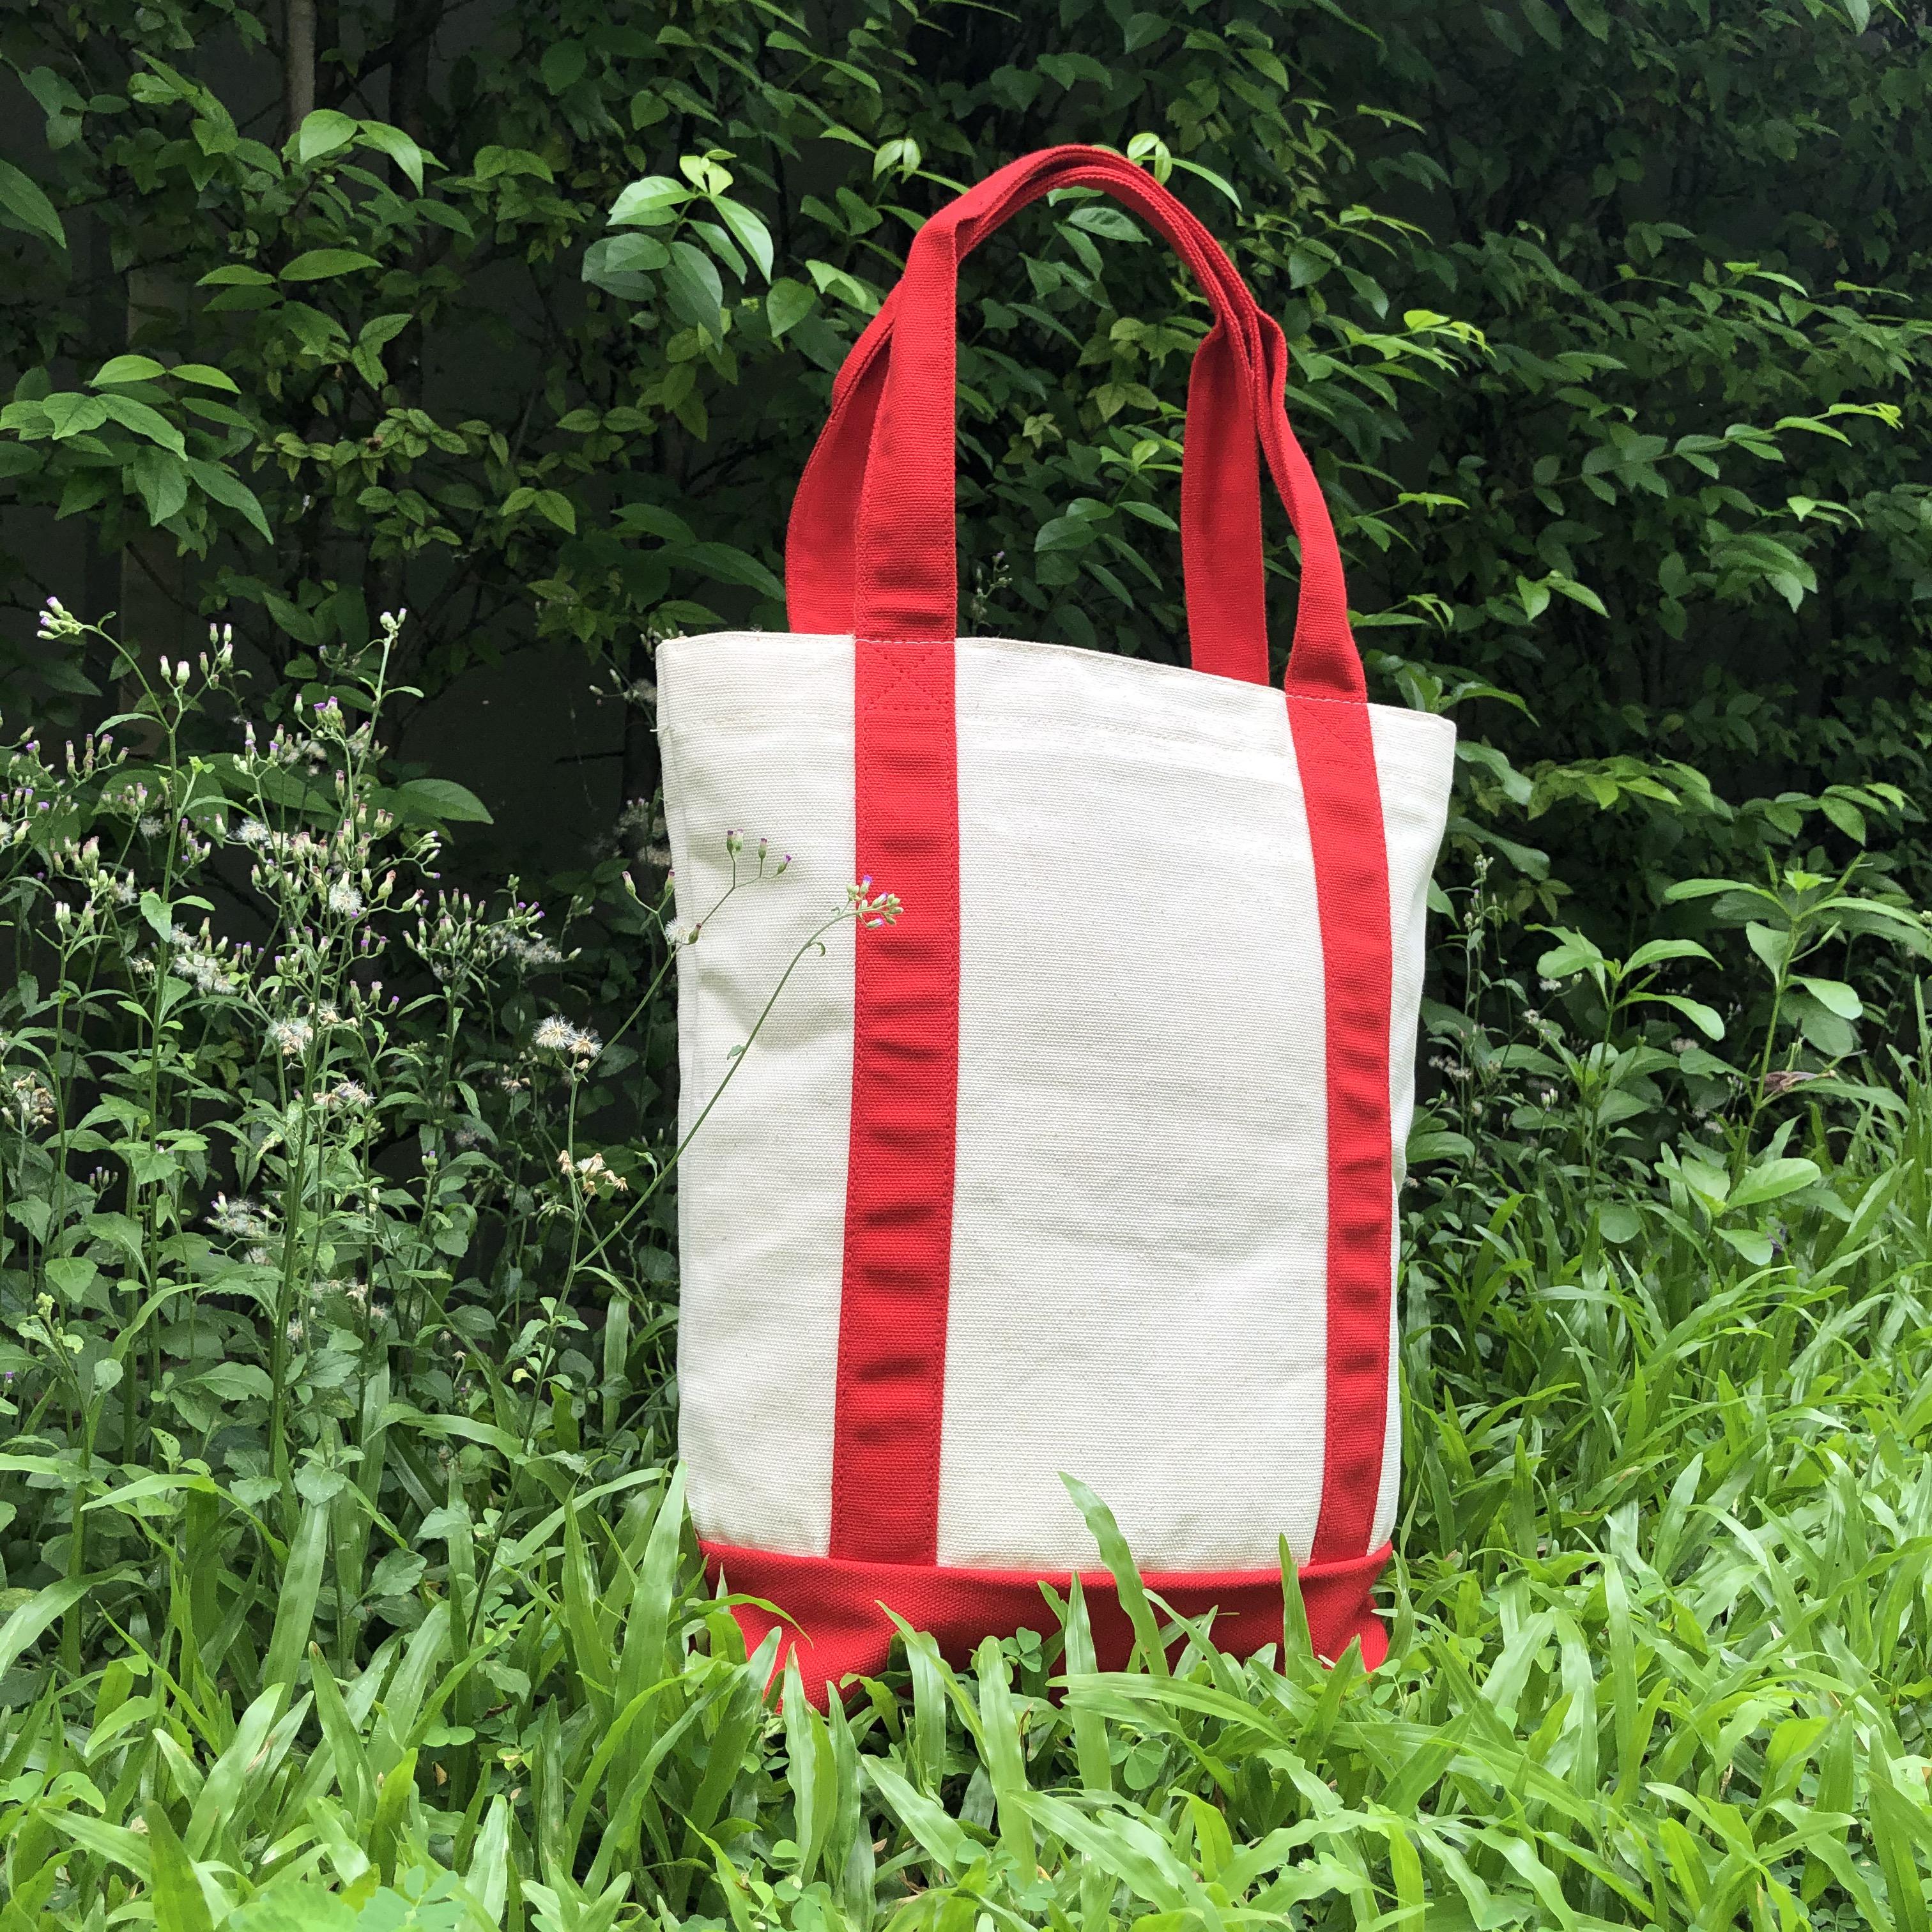 กระเป๋าช้อปปิ้ง ถุงผ้าแคนวาส รุ่น 9040